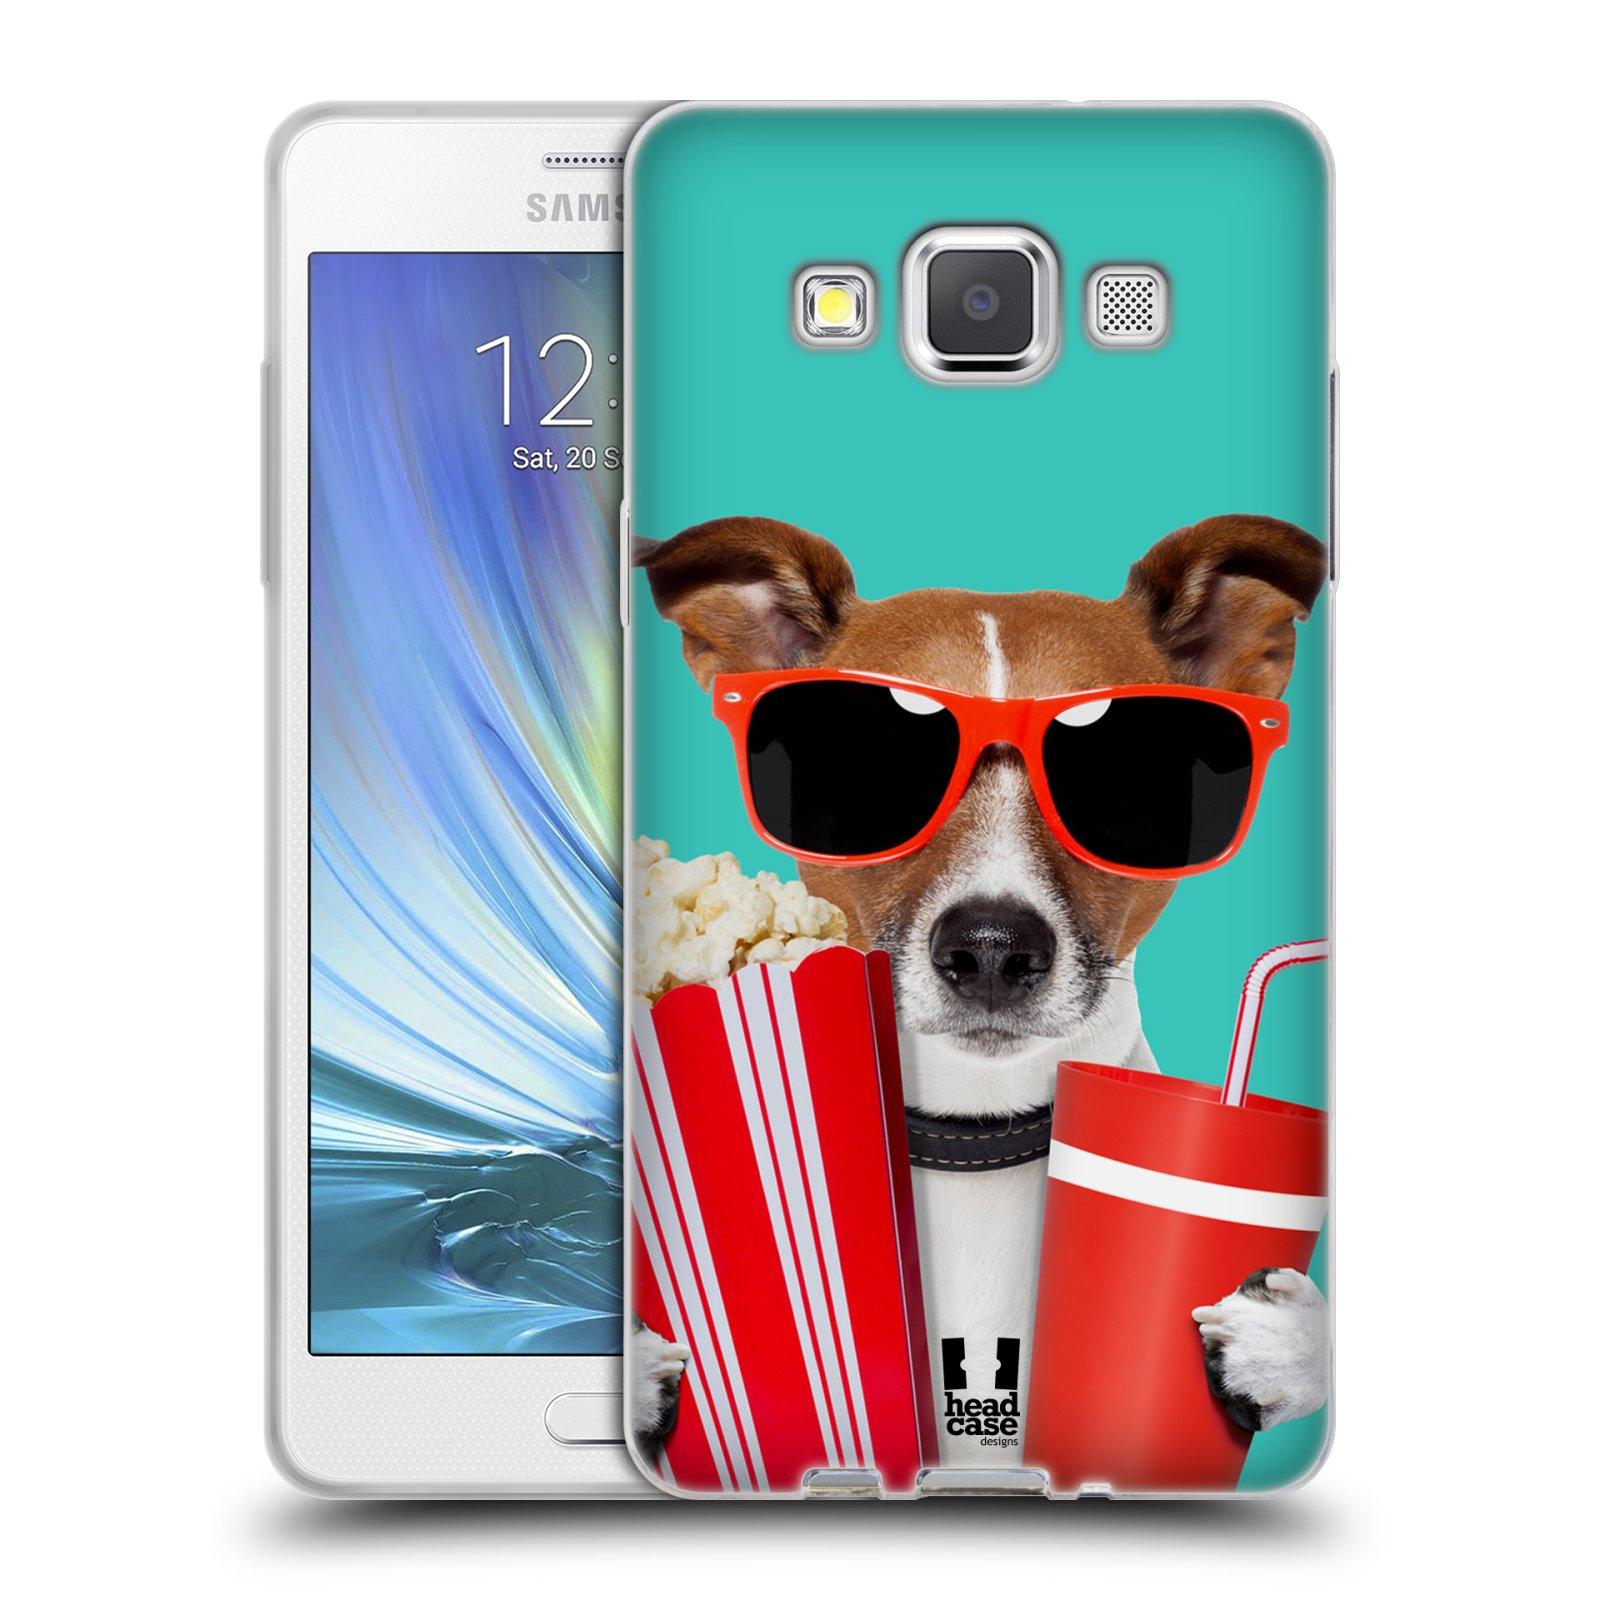 HEAD CASE silikonový obal na mobil Samsung Galaxy A5 vzor Legrační zvířátka pejsek v kině s popkornem